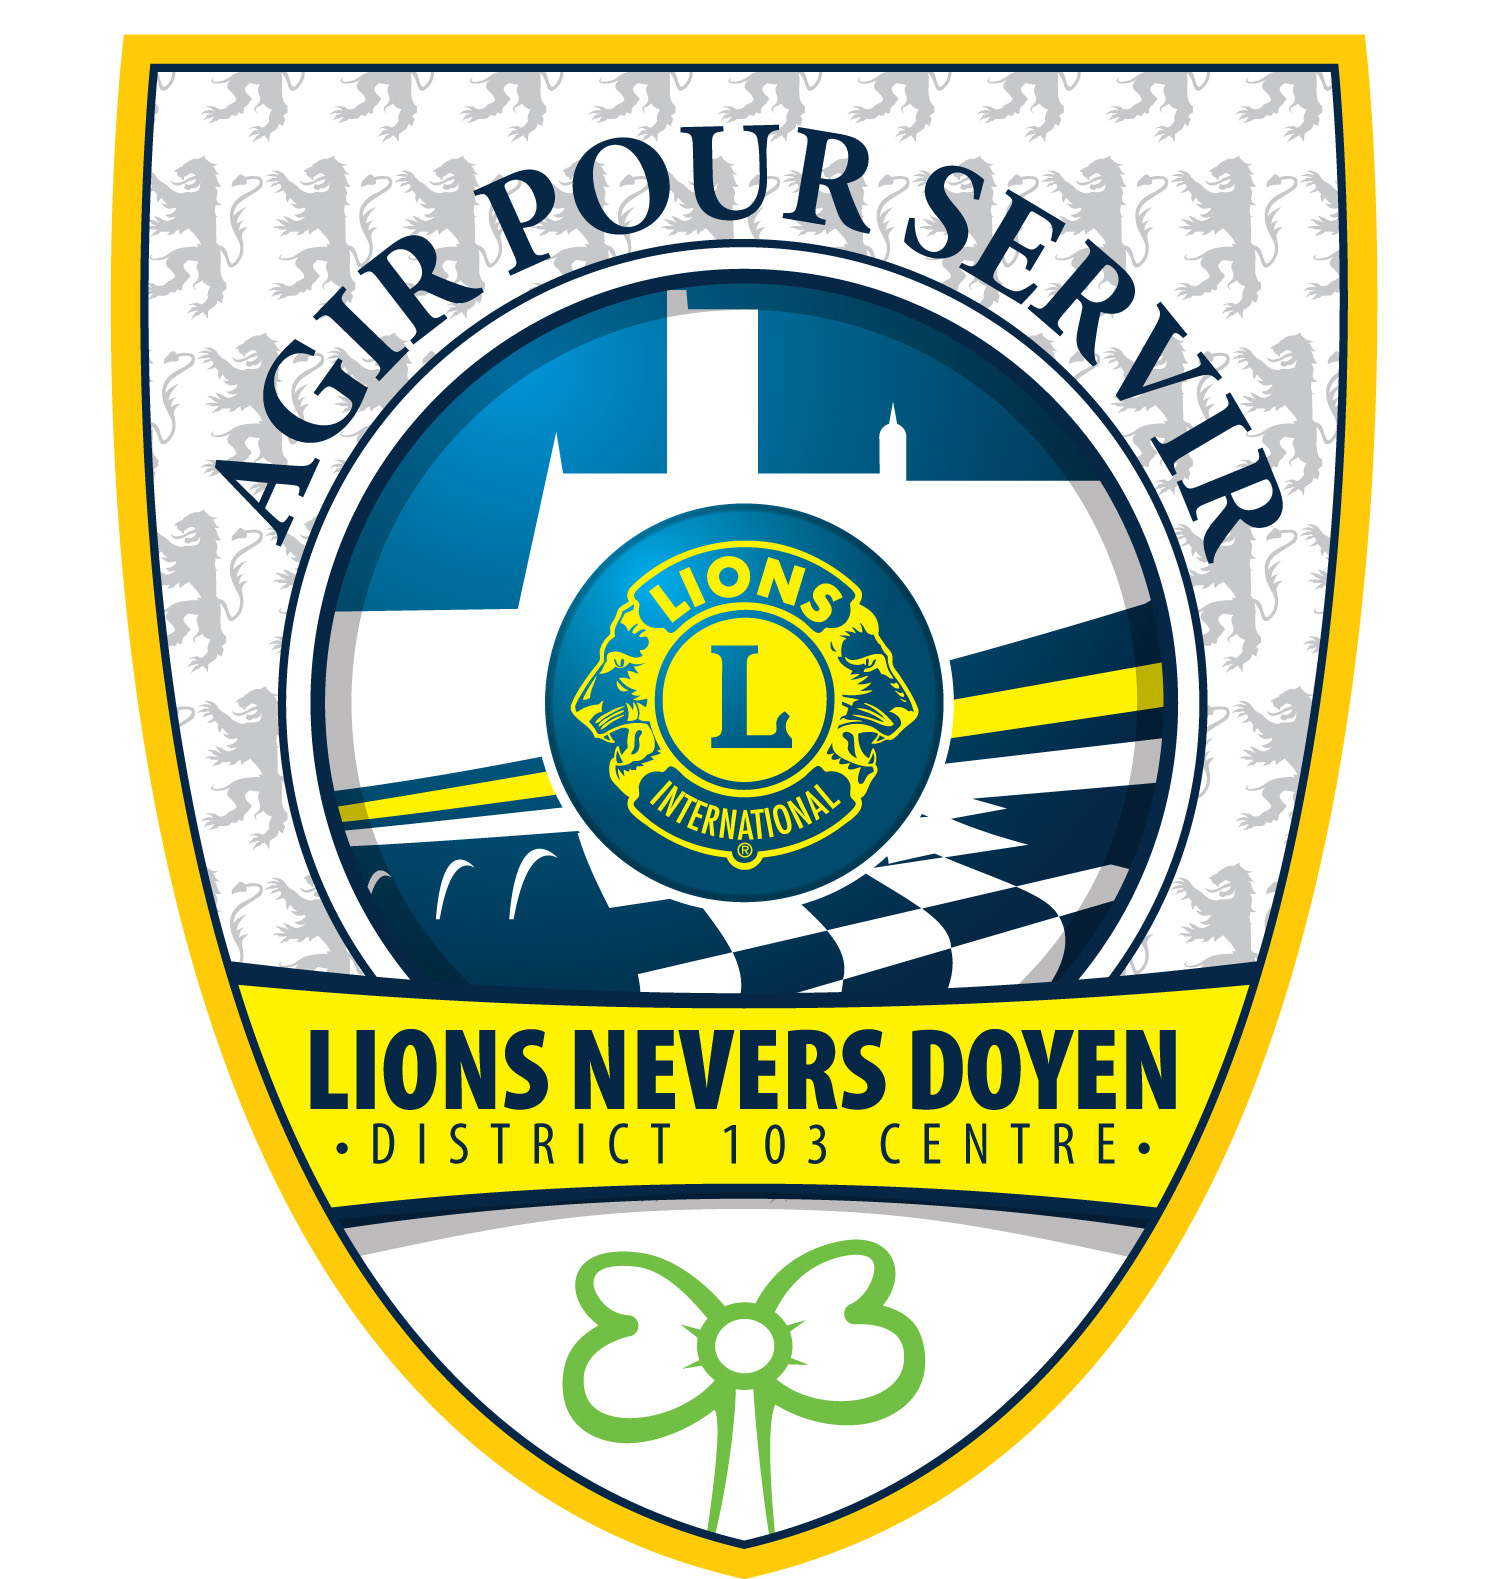 lionsclub-neversdoyen